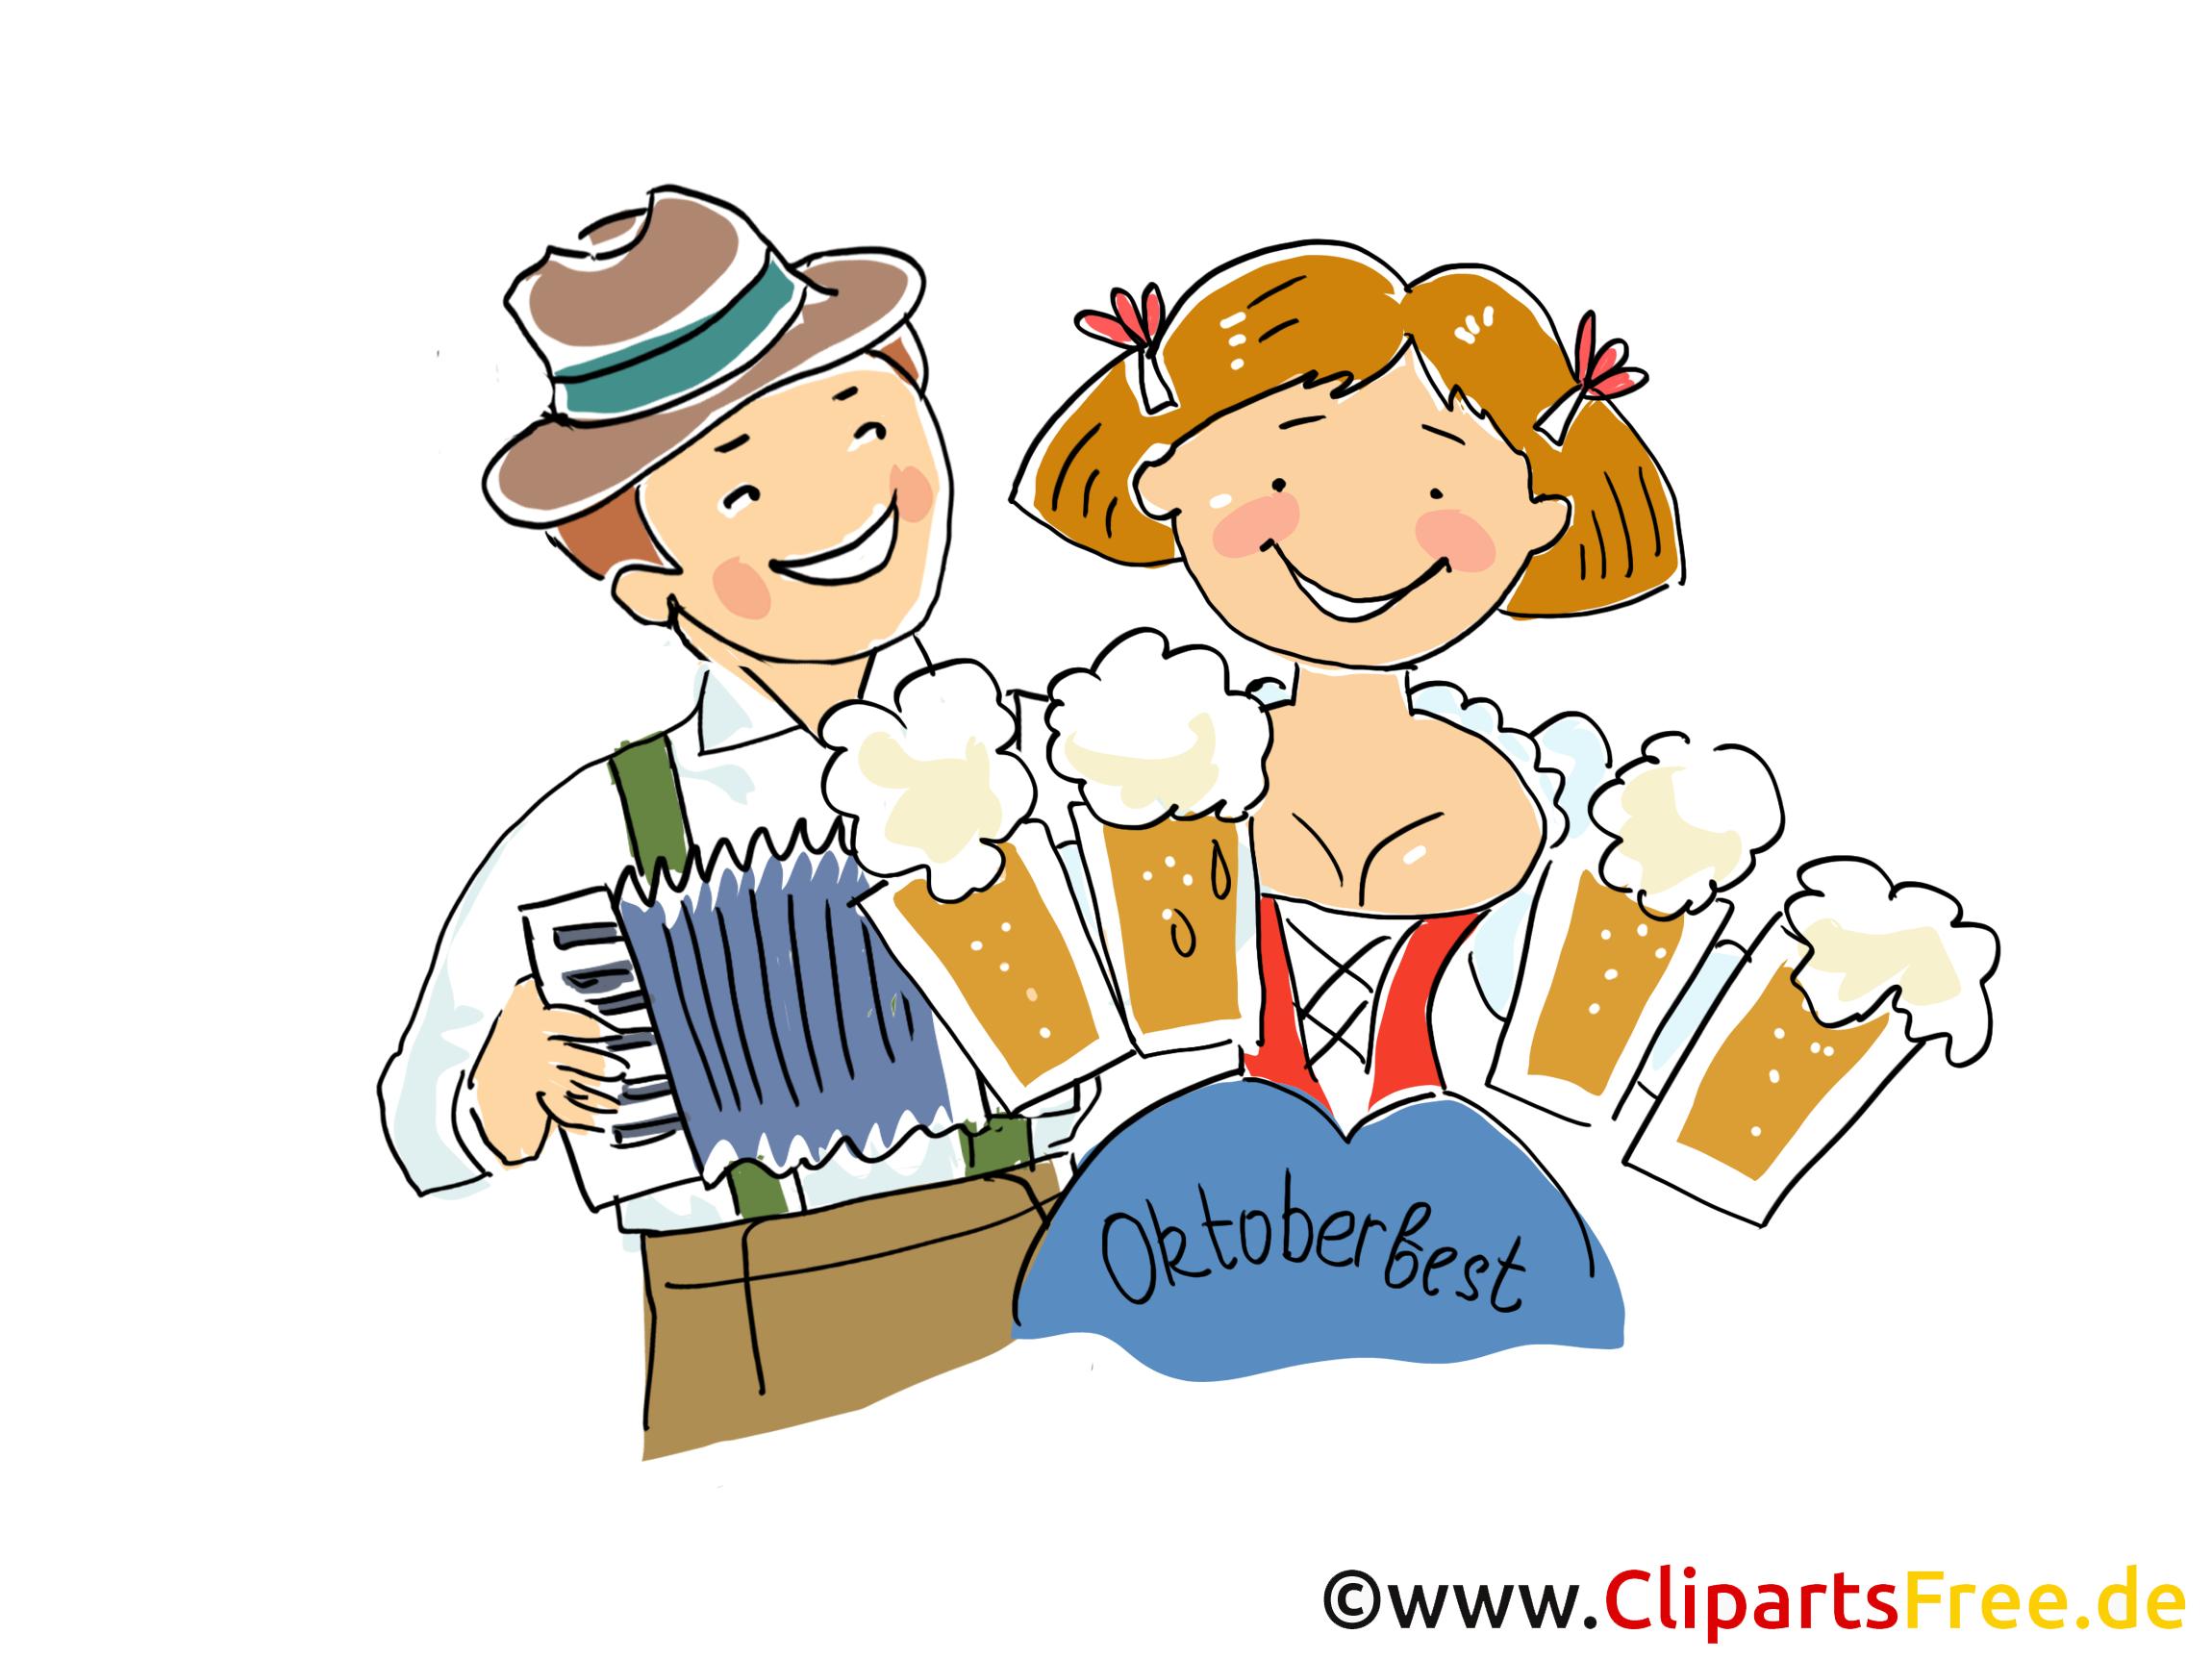 Weihnachtsbilder Mit Text Gratis.Fest In Bayern Oktoberfest Clipart Bild Grafik Illustration